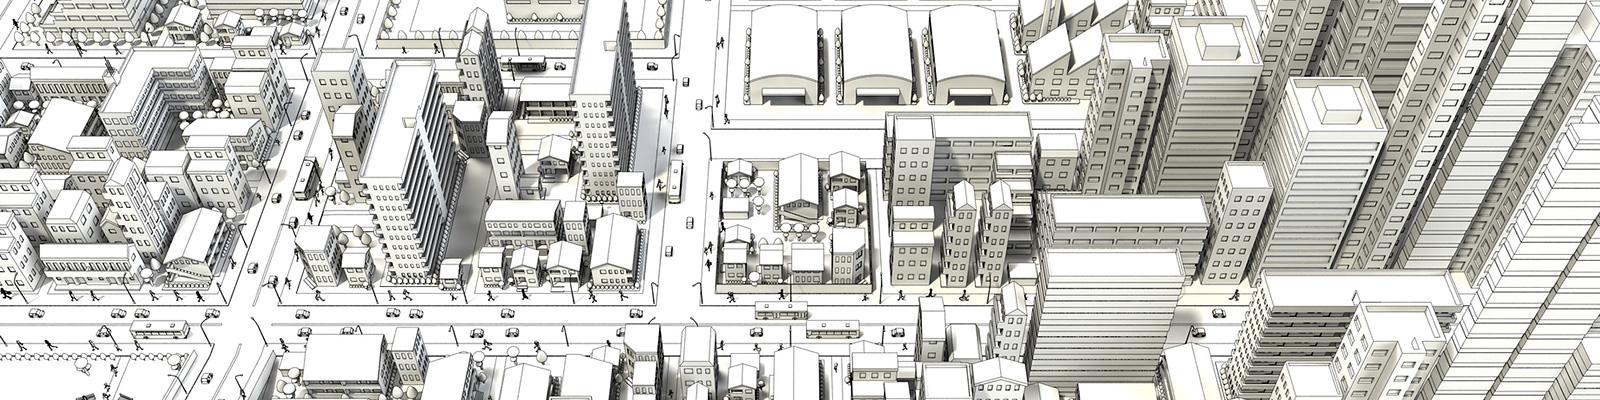 街 3D イメージ